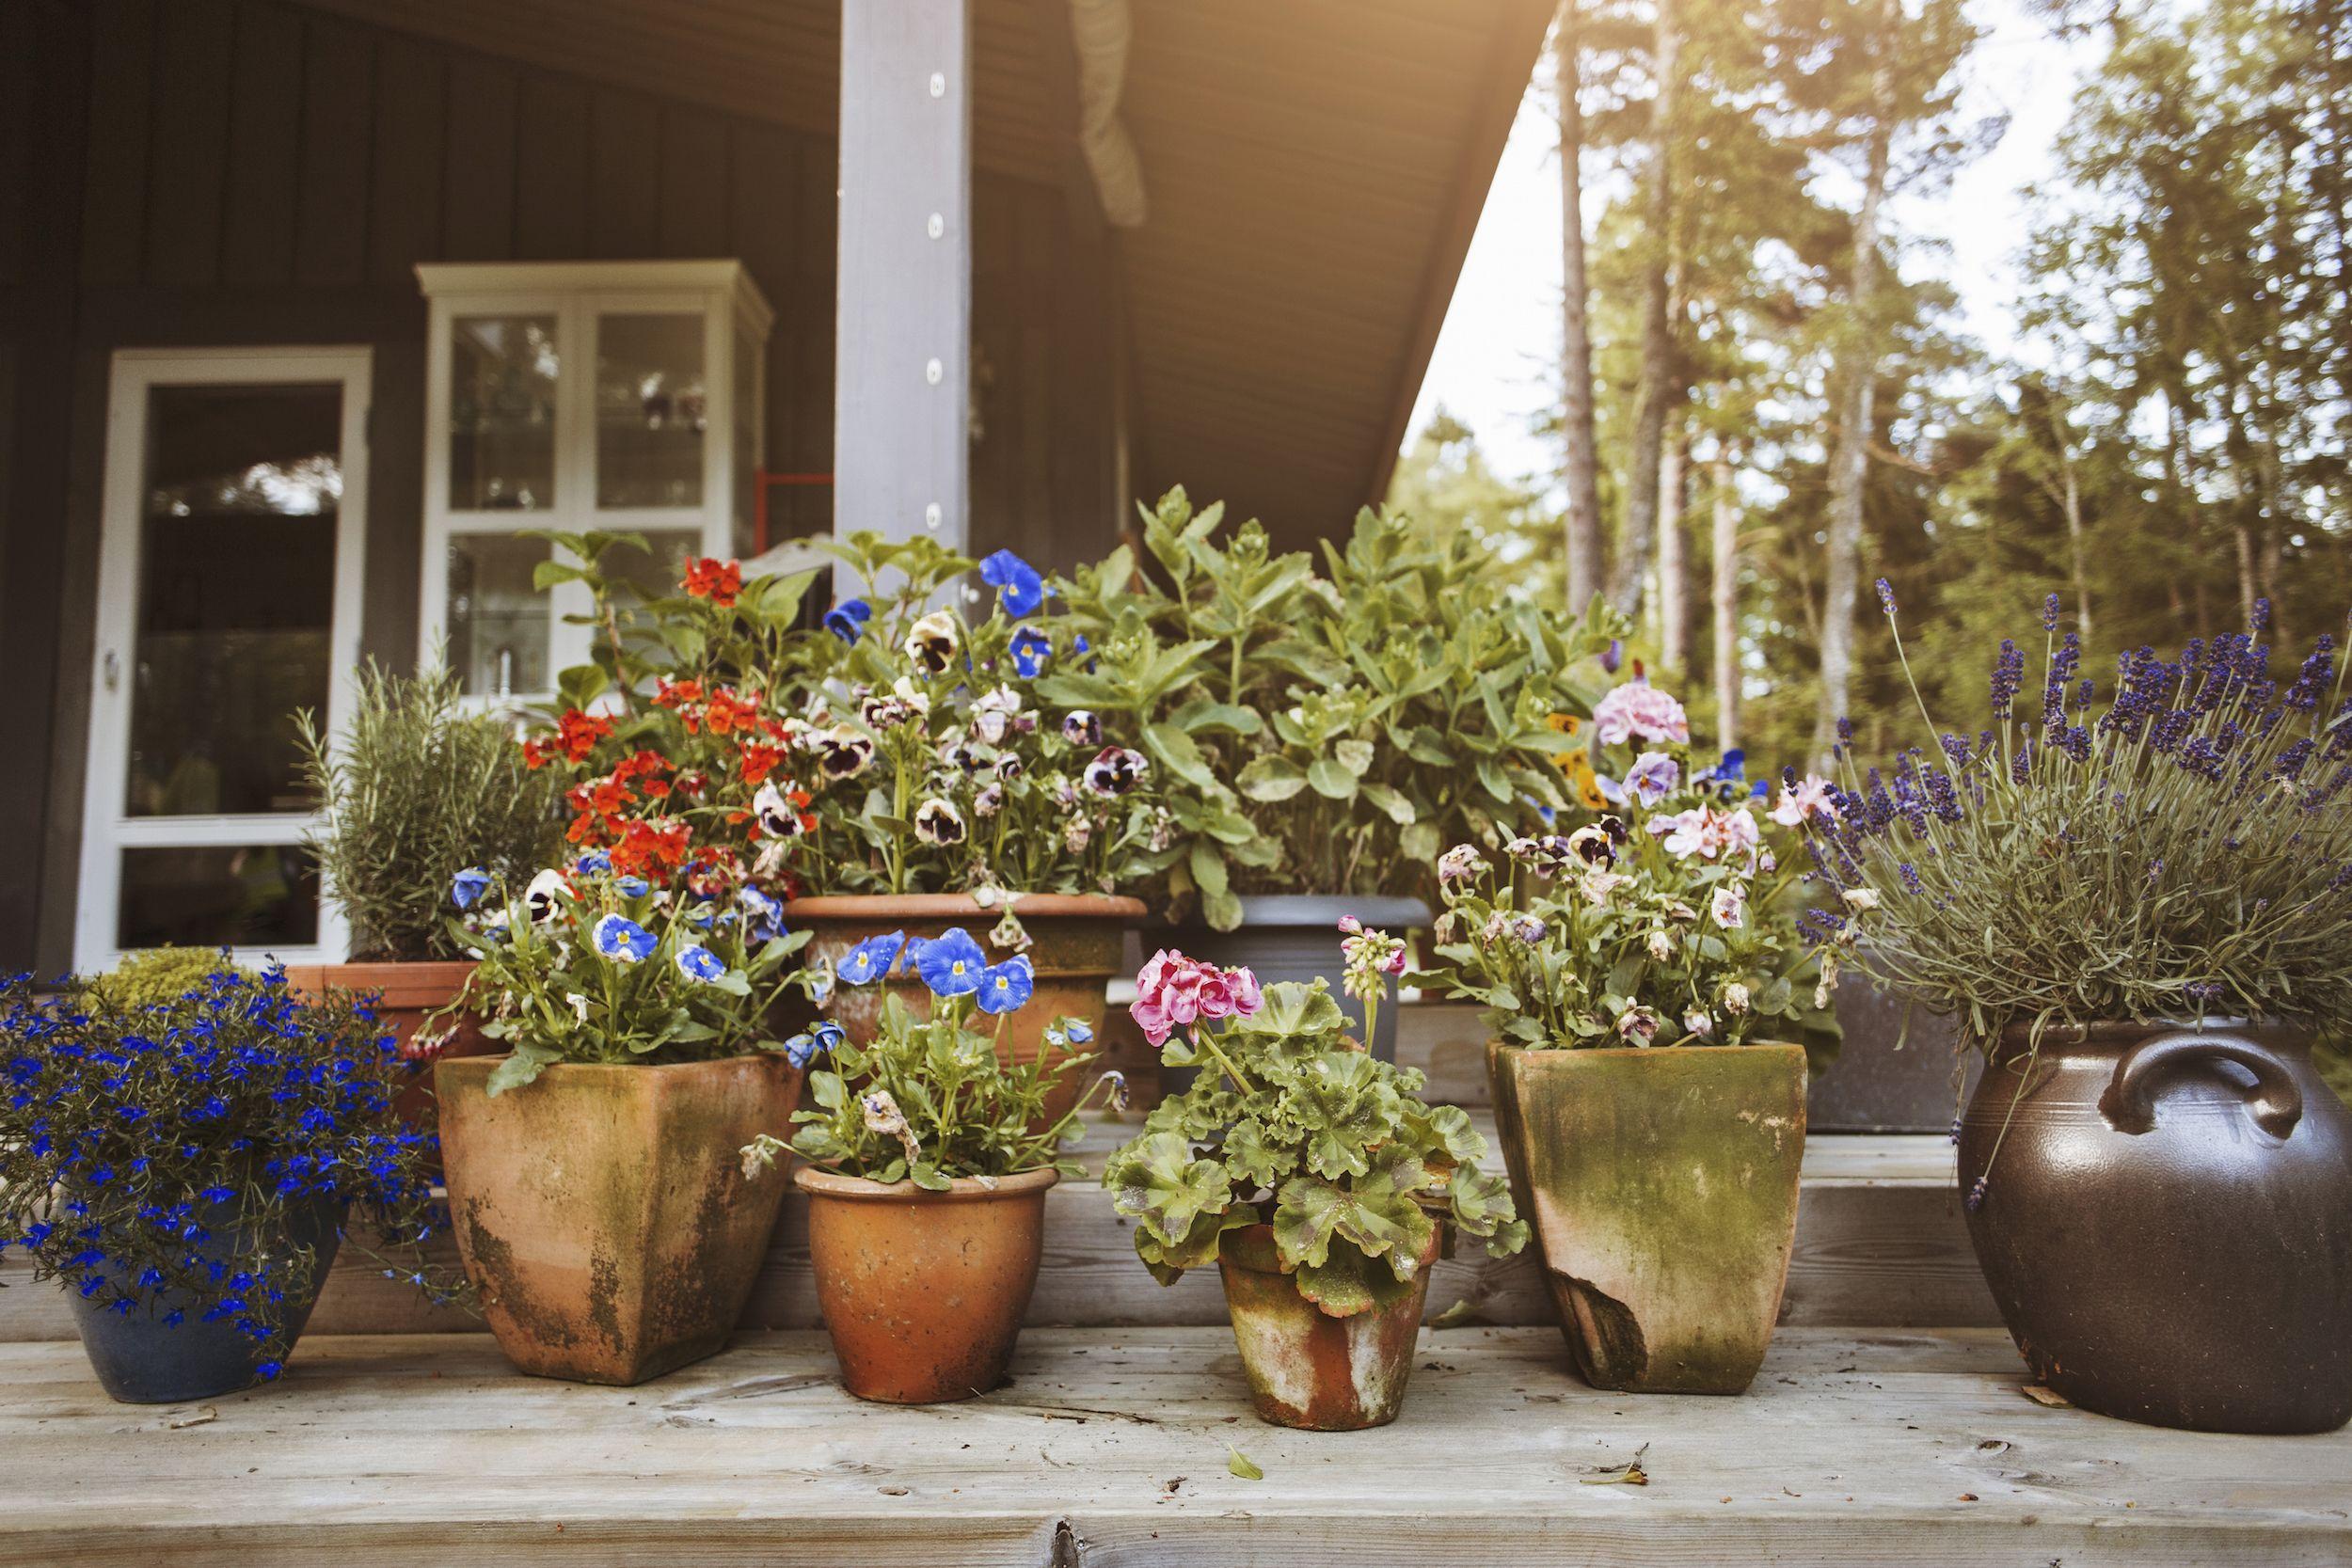 17 Low Maintenance Landscaping Ideas – Easy Backyard Landscape ...